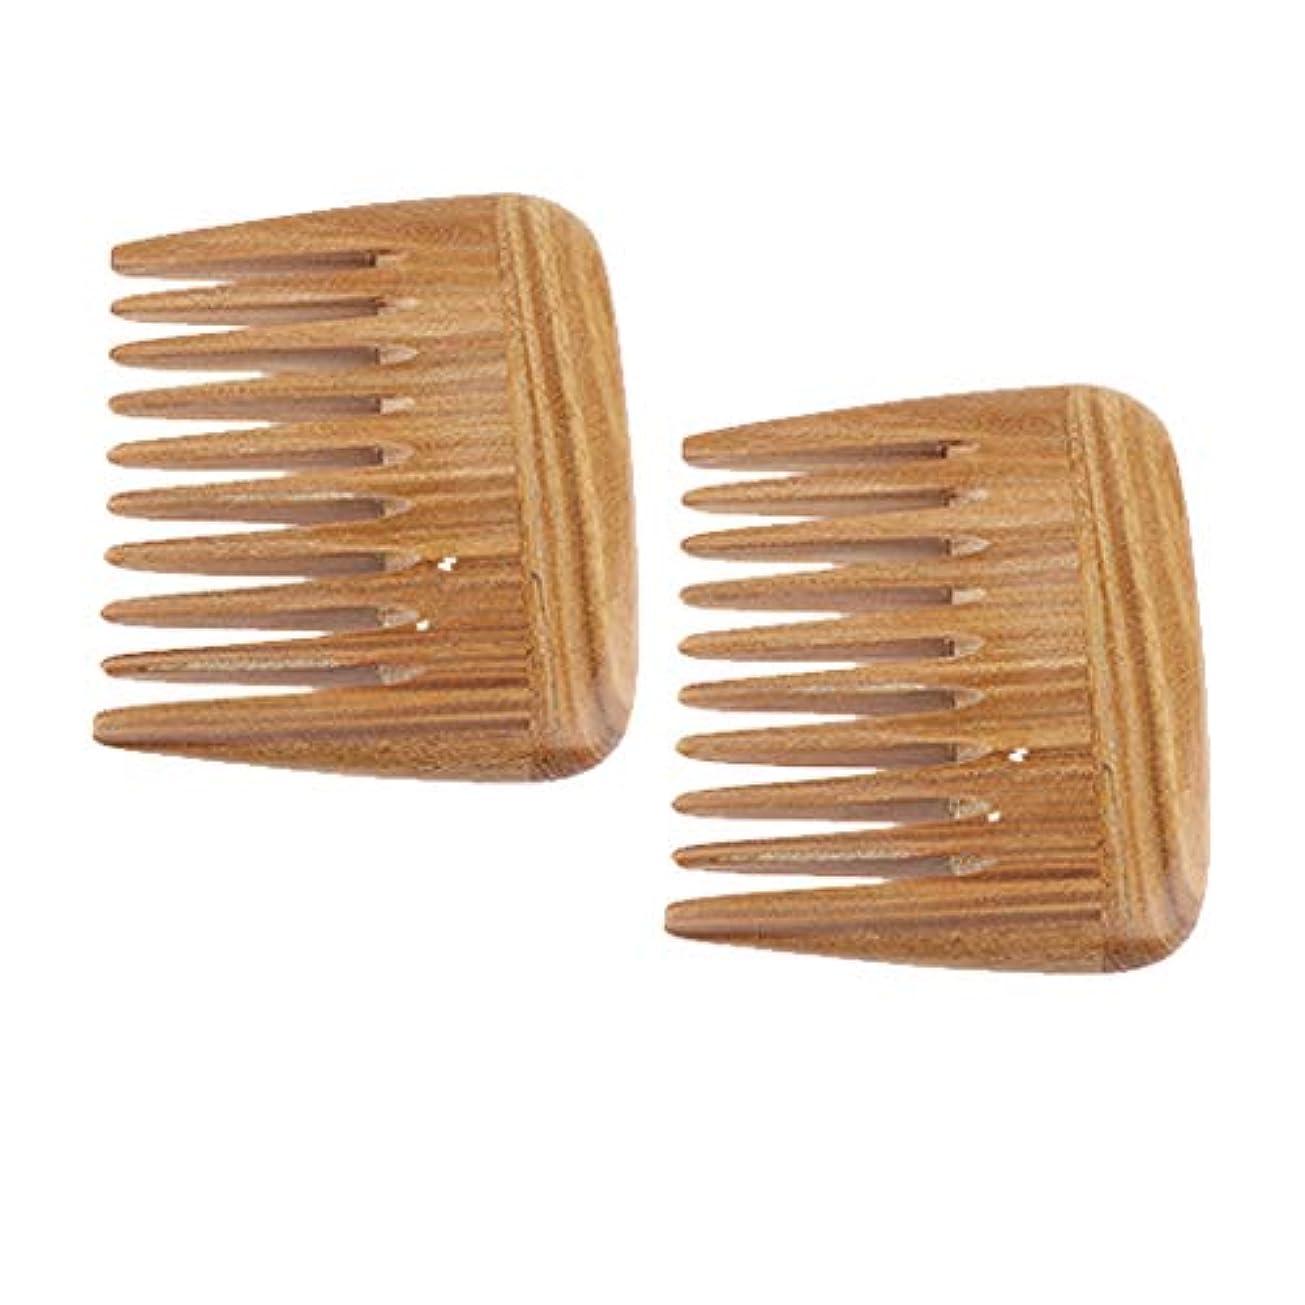 対称ディーラーチャネルレトロポケットブラシ 静電気 防止天然マッサージ広い歯 髪の櫛 2個入り